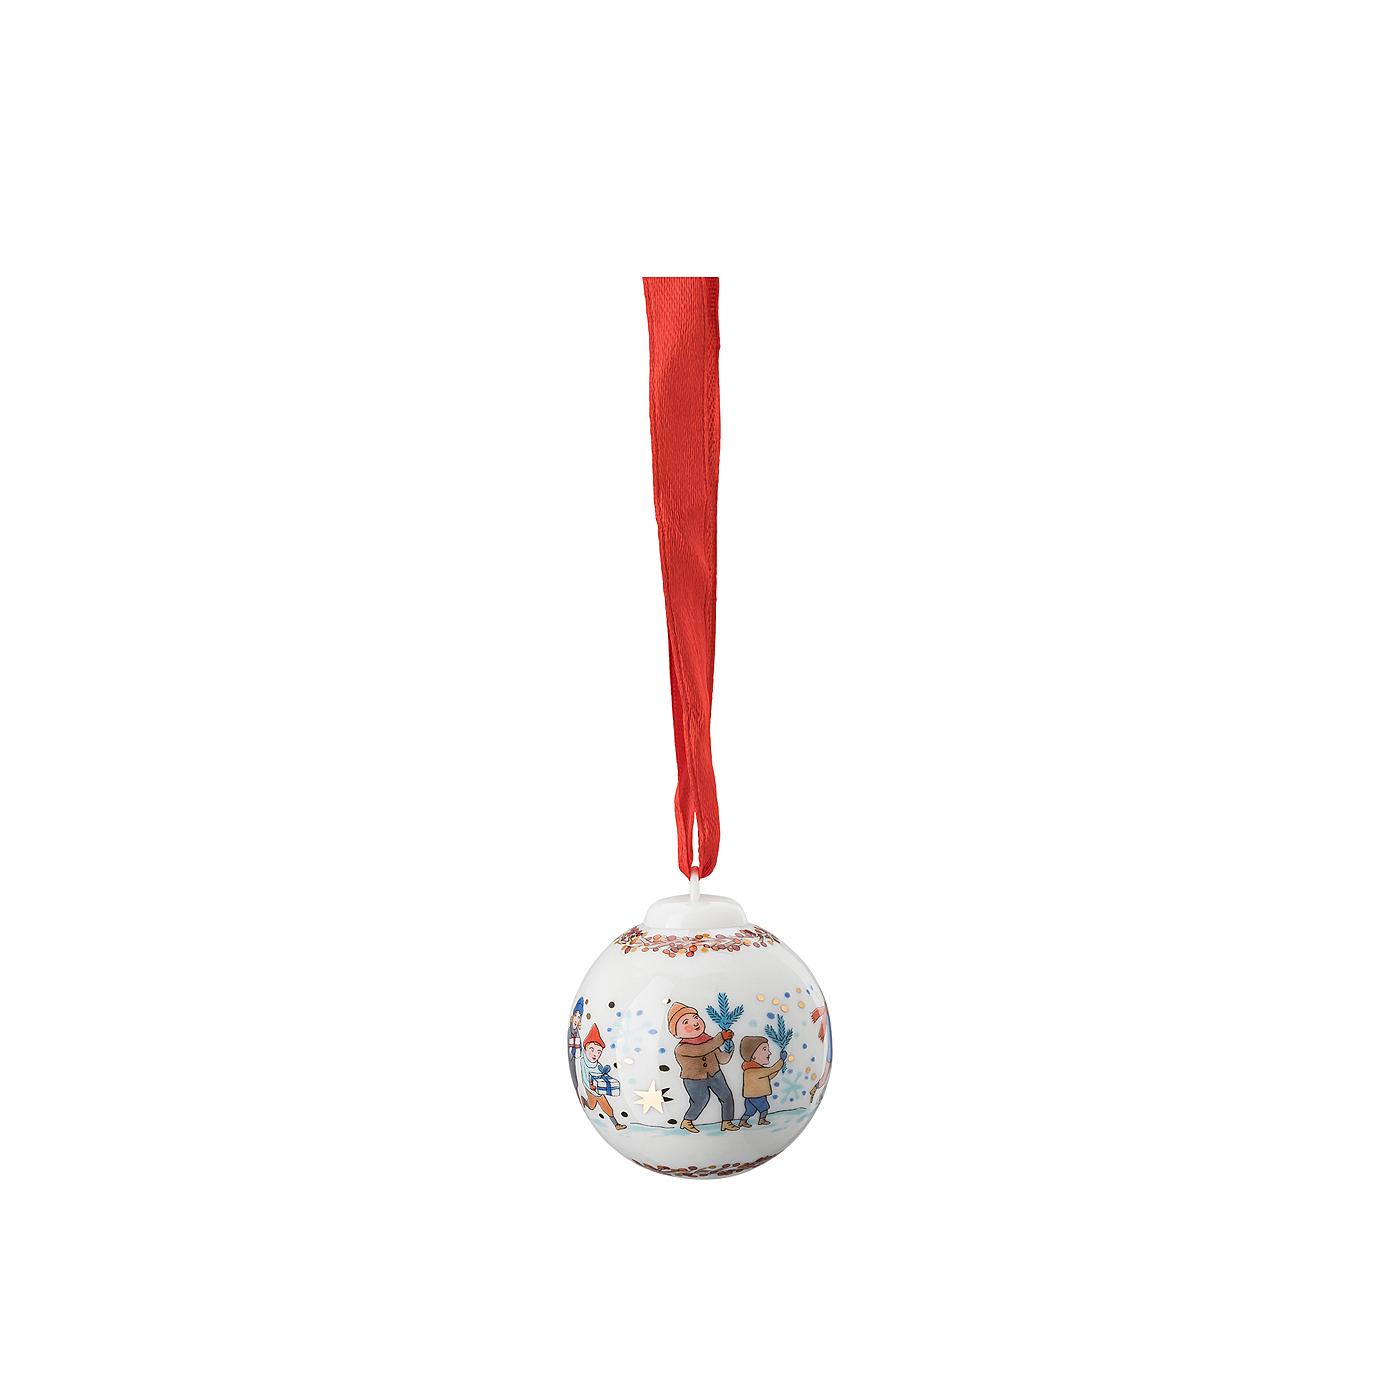 Porzellan-Minikugel Sammelkollektion 21 Kinder mit Zweigen Hutschenreuther